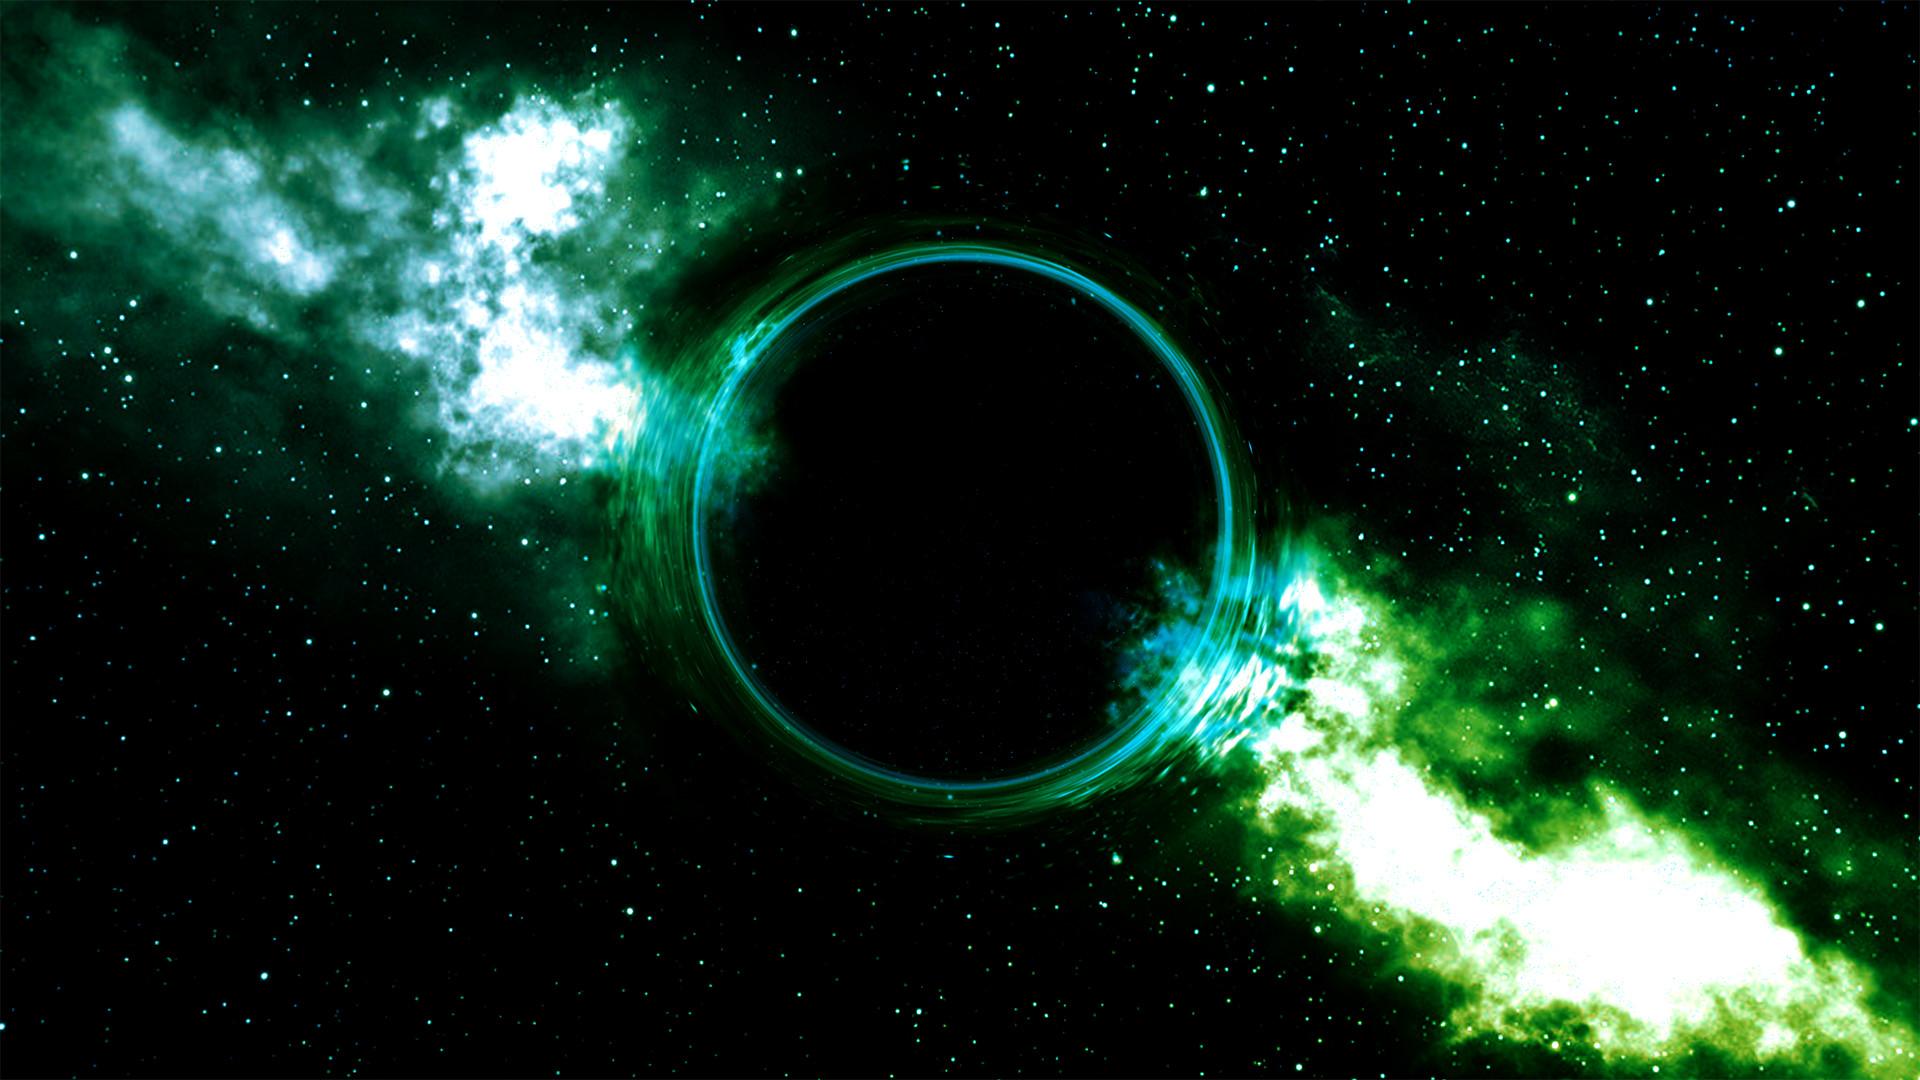 ArtStation - Black Hole Attempt, Michiel Rensen